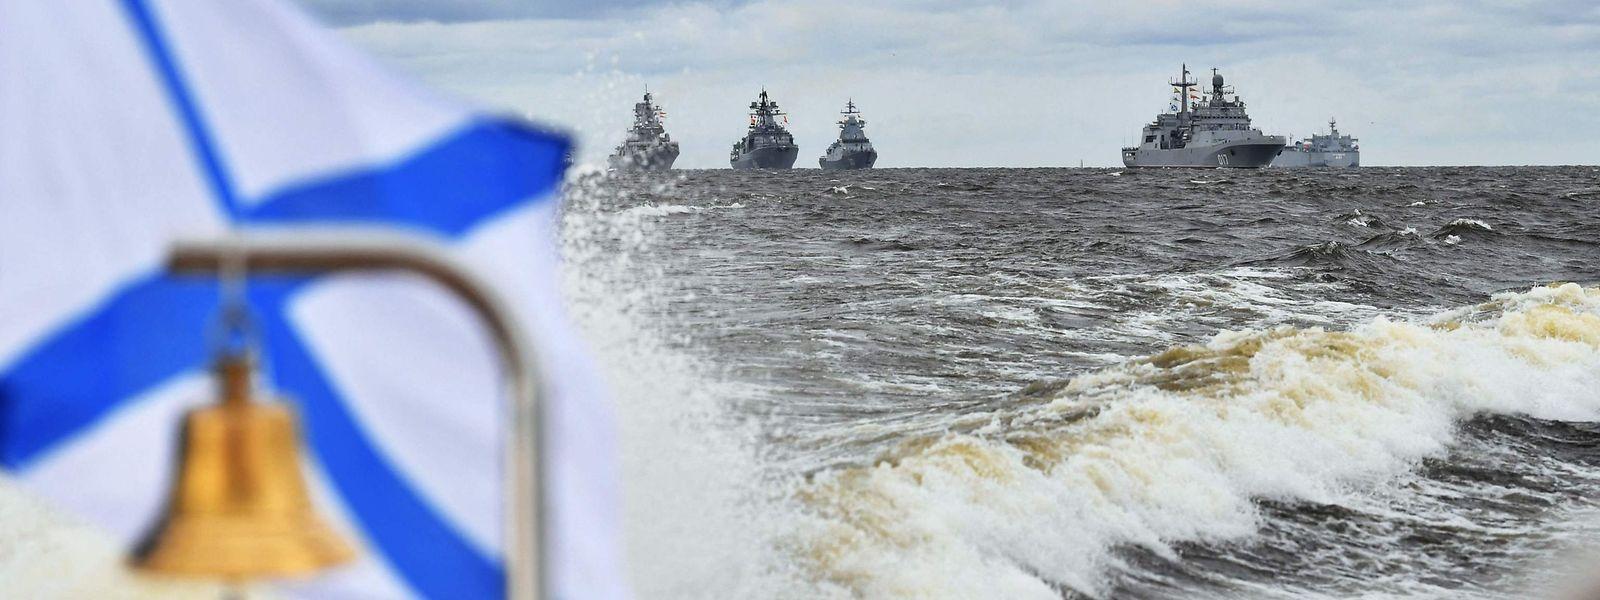 Russlands Flotten hätten über Jahrhunderte zur Größe und zum Ruhm des Landes beigetragen, sagte Putin am Sonntag.